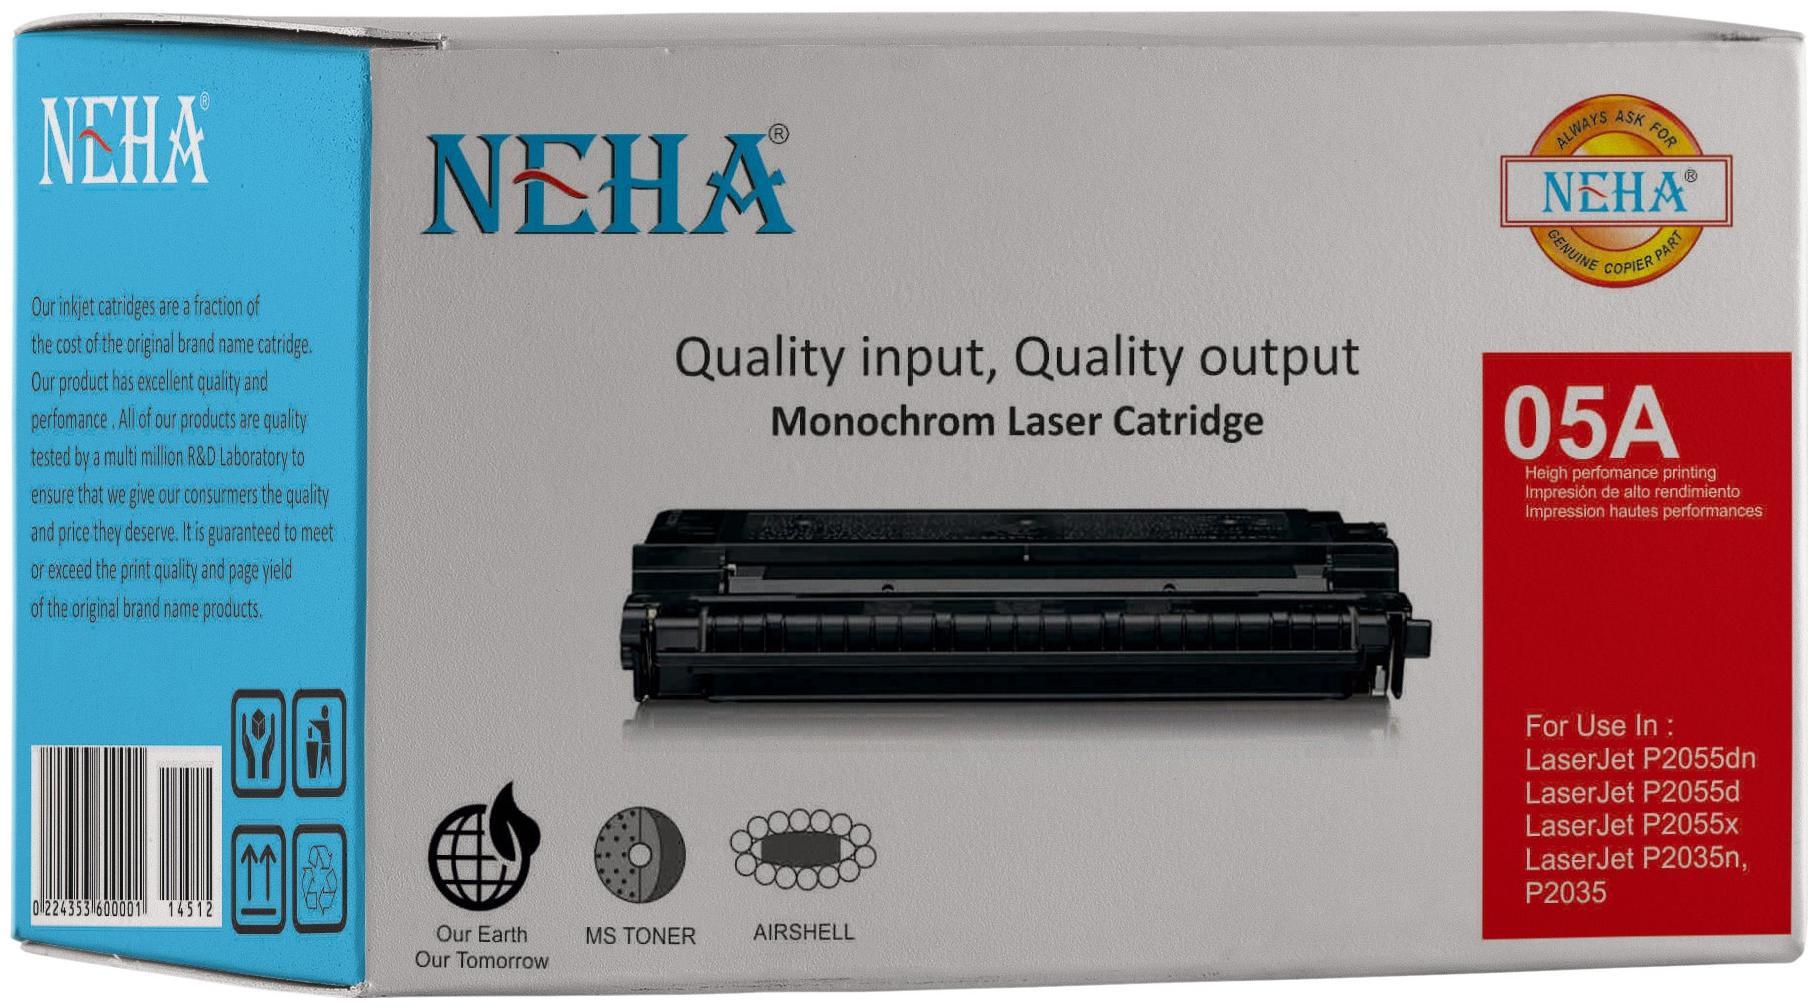 Neha 05A Compatible Laser Toner Cartridge for HP Laserjet P2032, P2035, P2035n, P2055, P2055d, P2055dn, P2055x